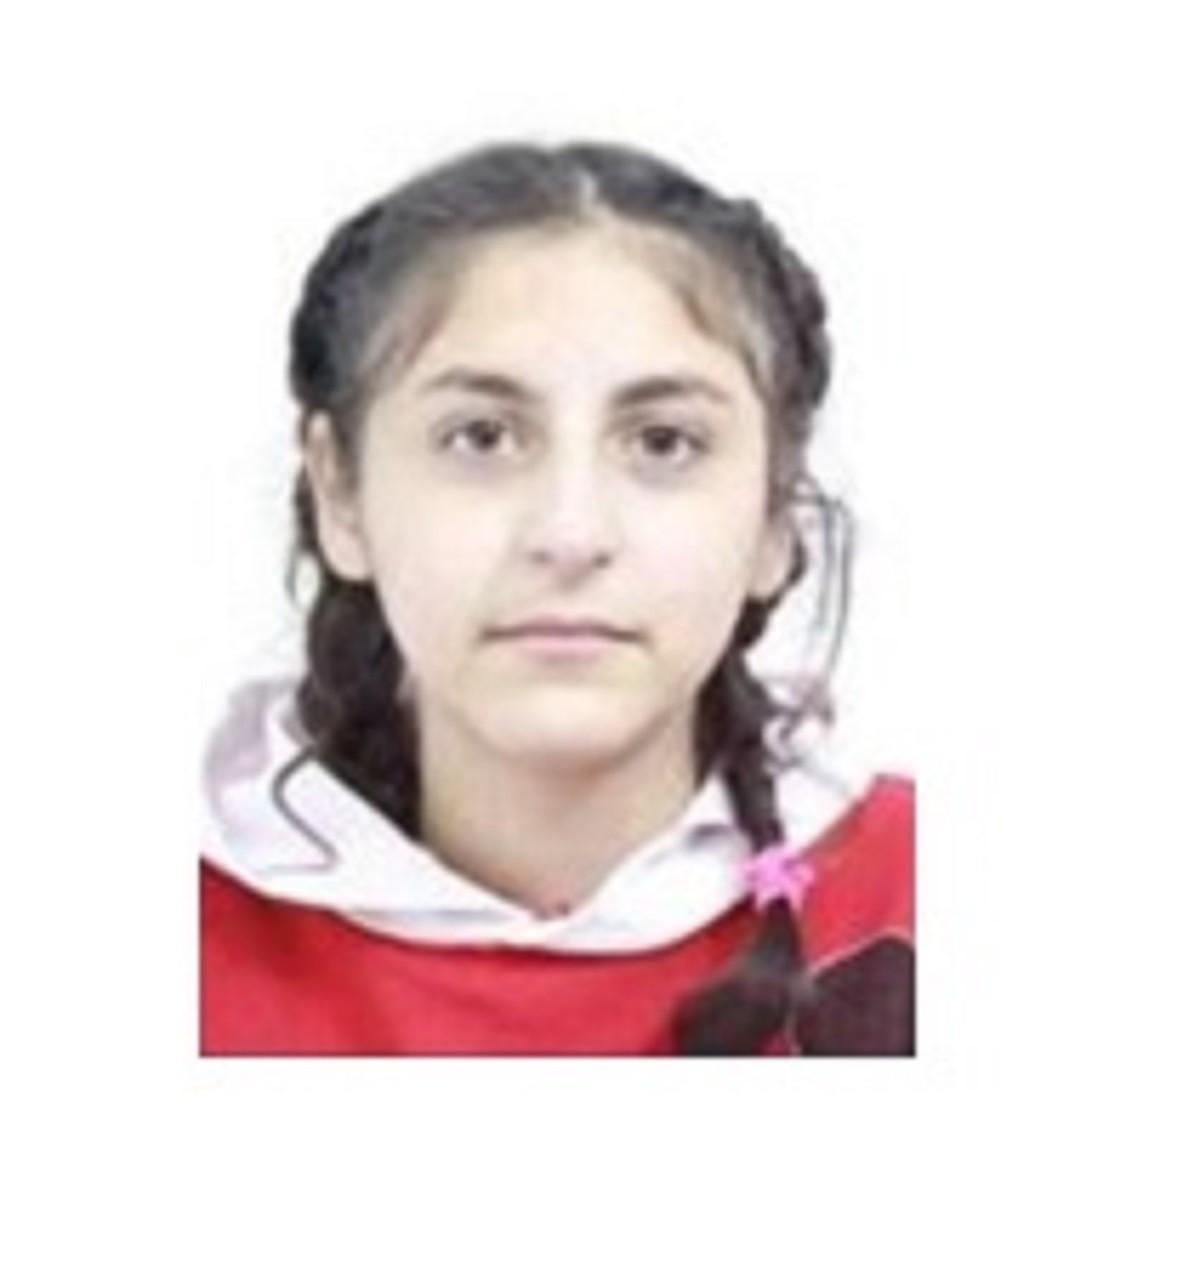 Adolescentă în vârstă de 14 ani din Câmpina, dată dispărută. Ați văzut-o?